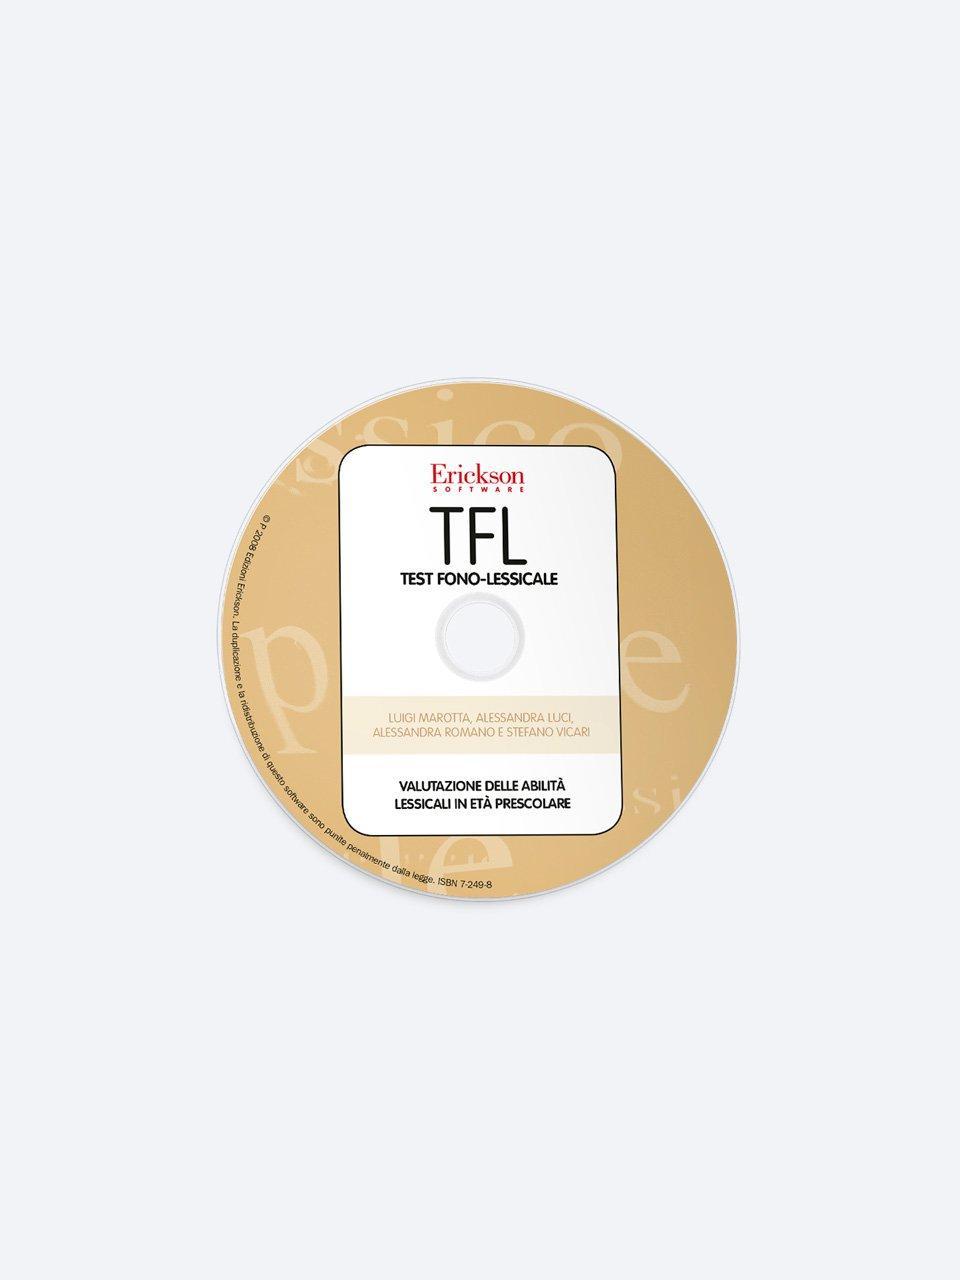 TFL Test fono-lessicale - Stefano Vicari - Erickson 2